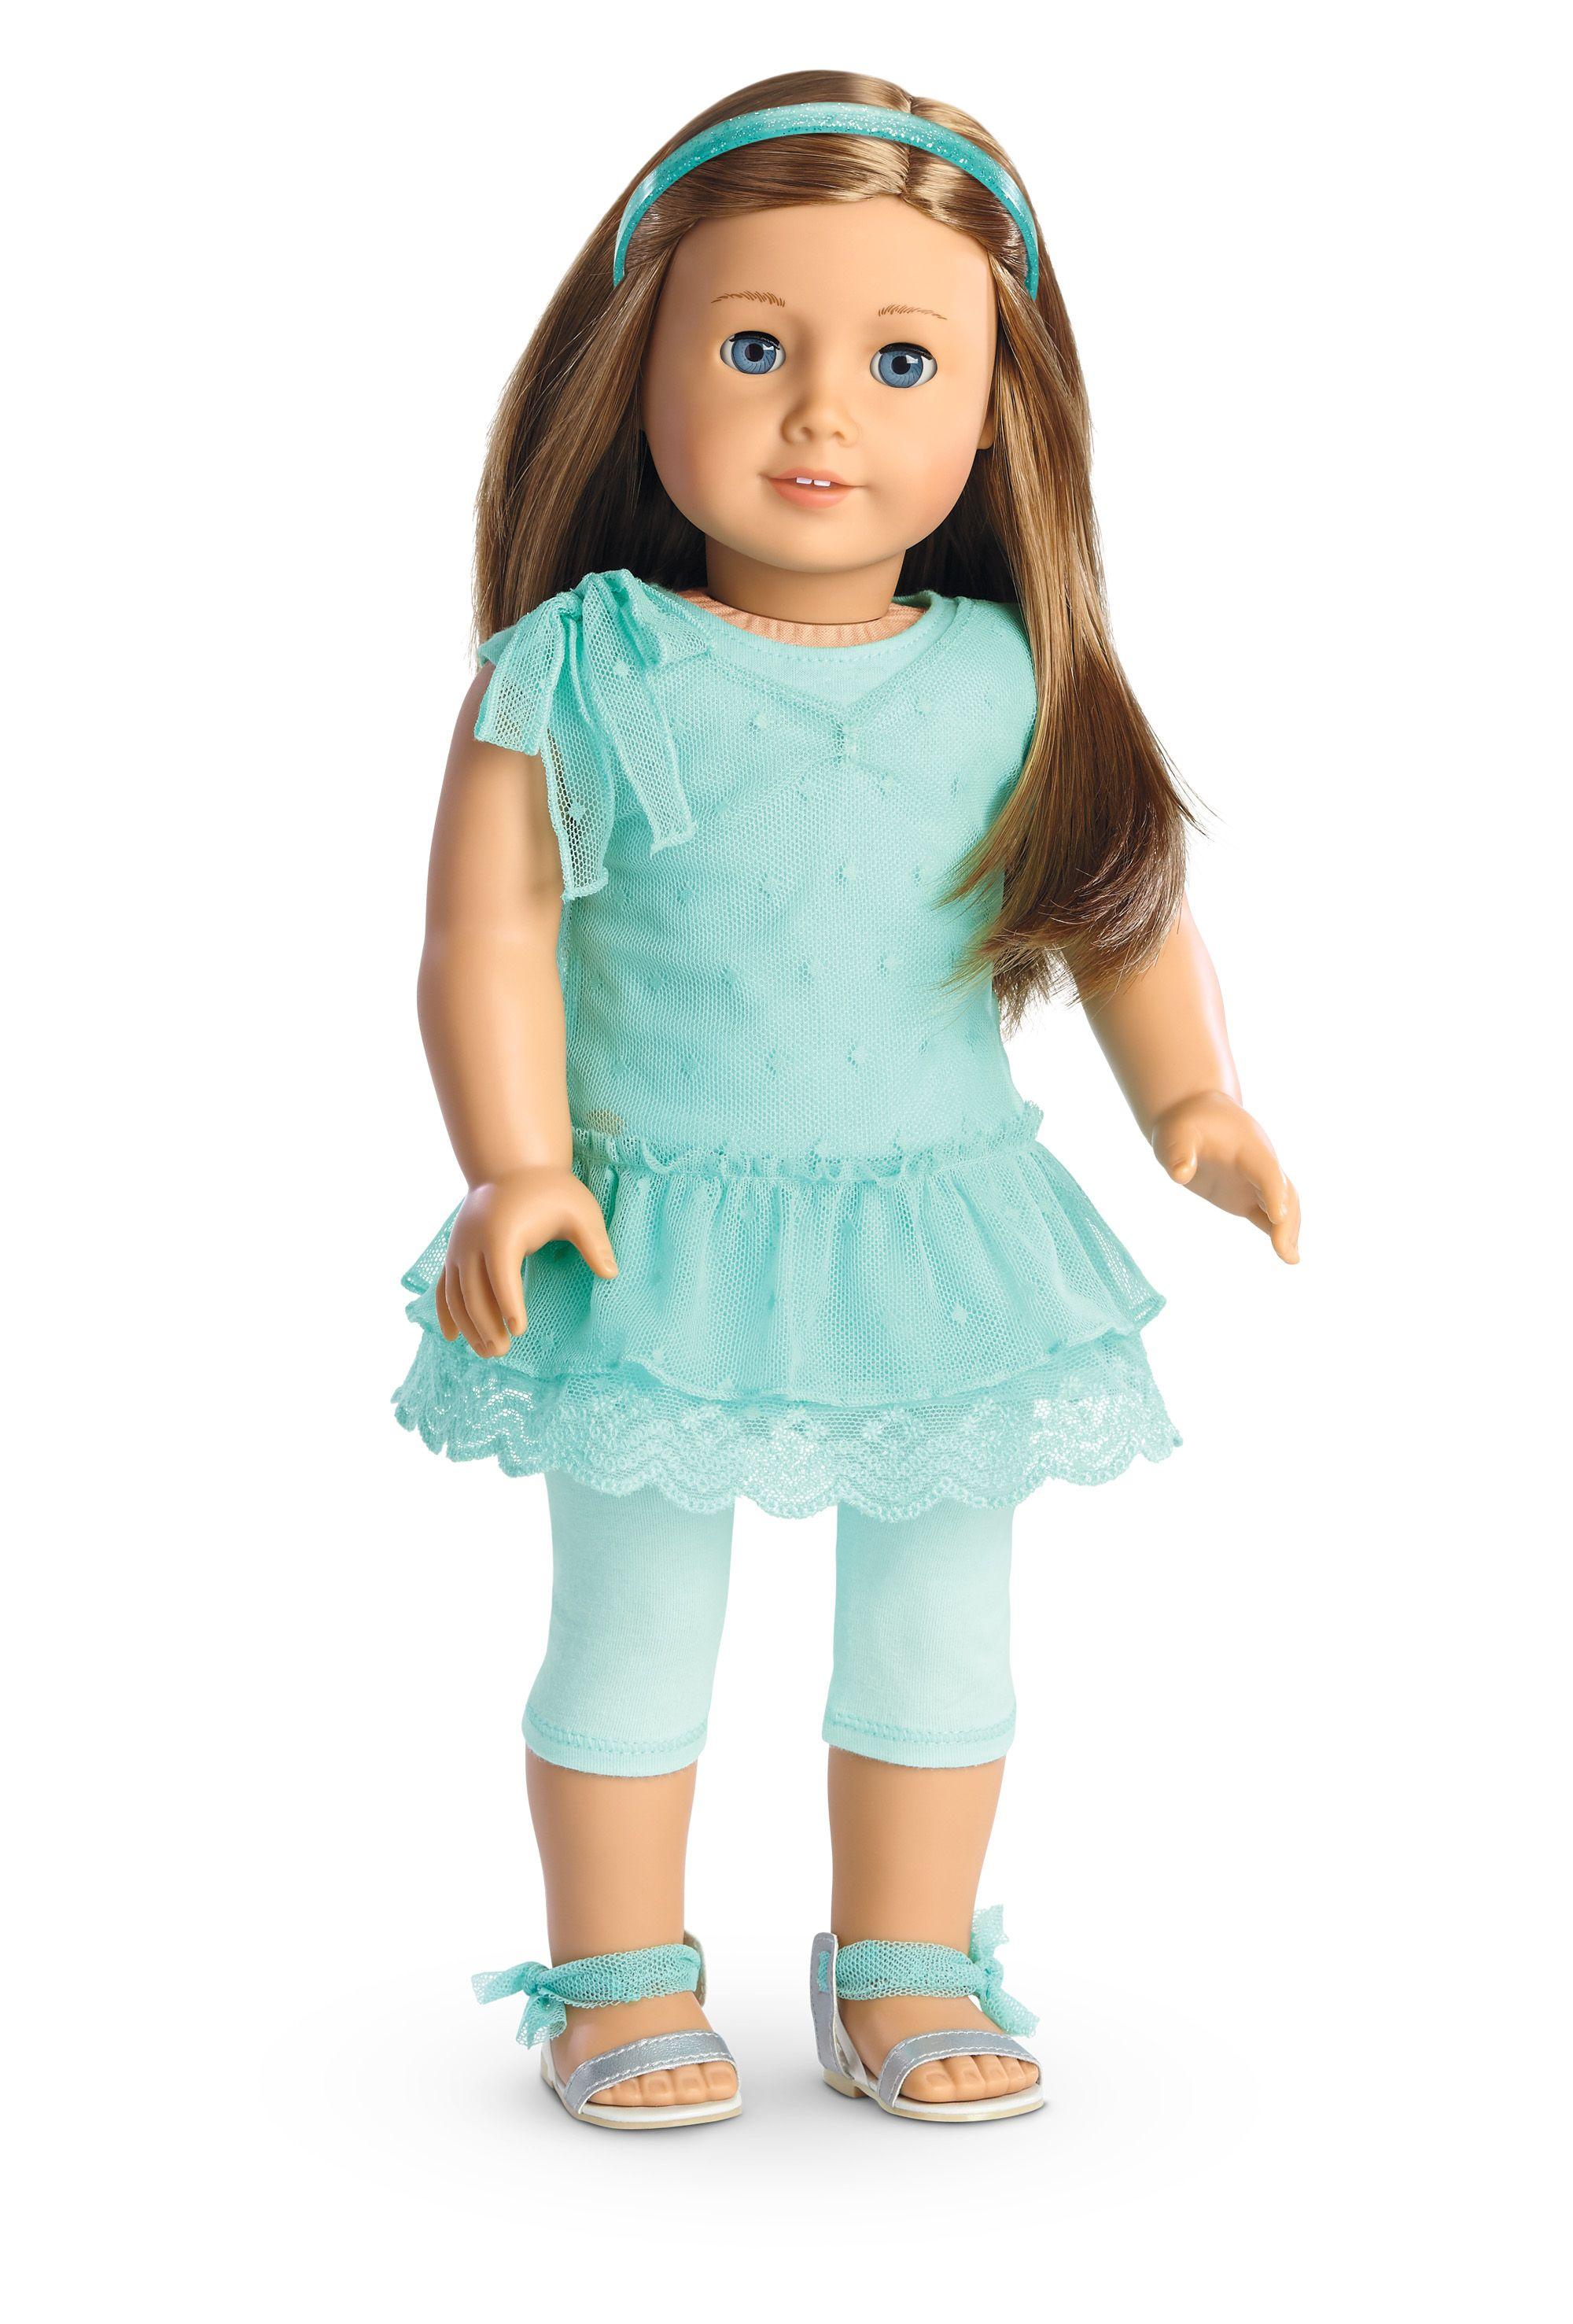 Spring Breeze Dress Set for Dolls